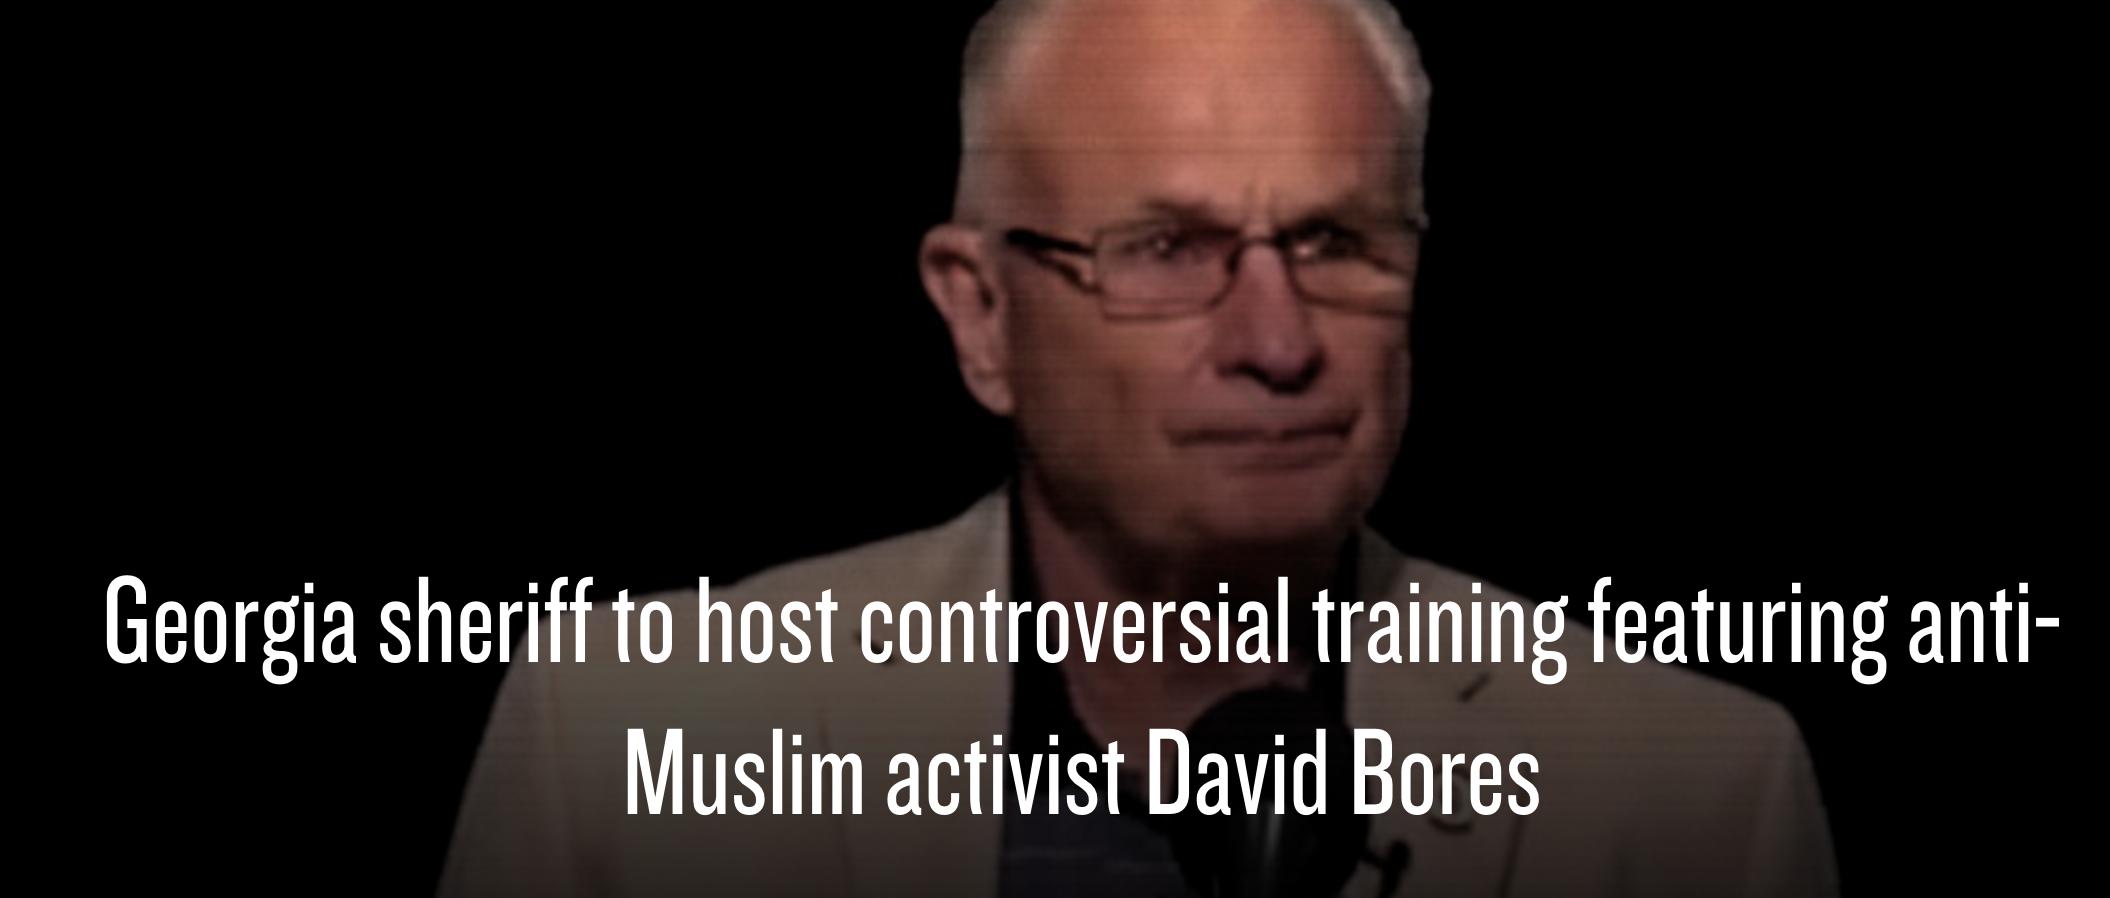 Georgia Sheriff To Host Controversial Training Featuring Anti-Muslim Activist David Bores